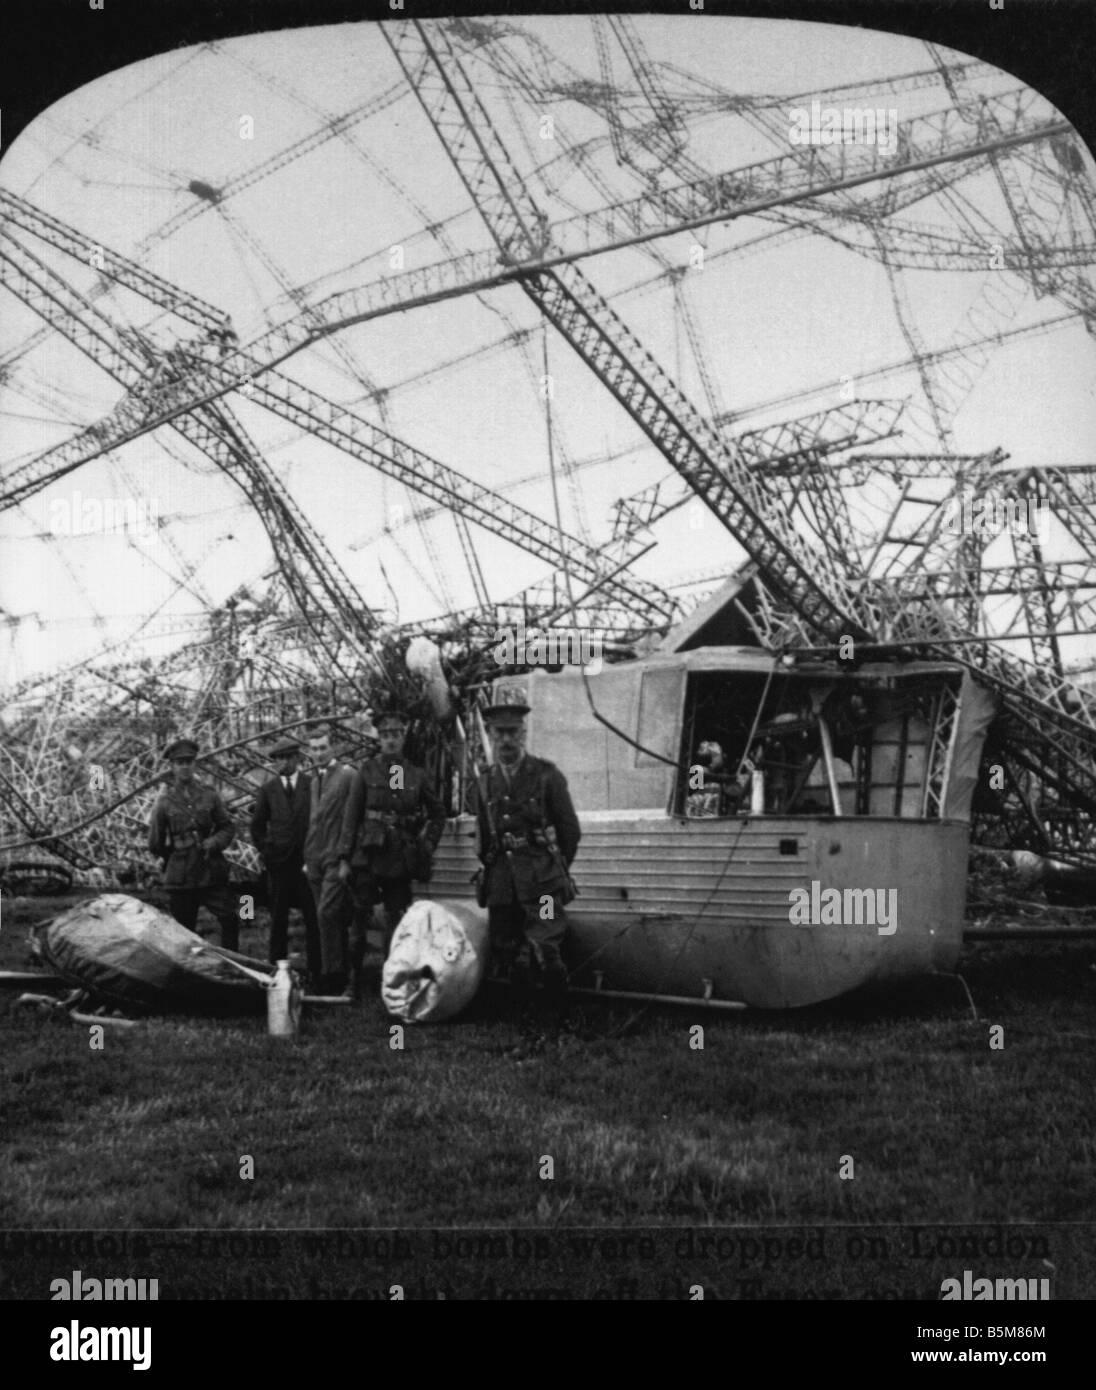 2 G55 B1 1916 5 Shot down Ger Zeppelin England Photo History World War 1 Aerial war Wreck of a German Zeppelin shot - Stock Image